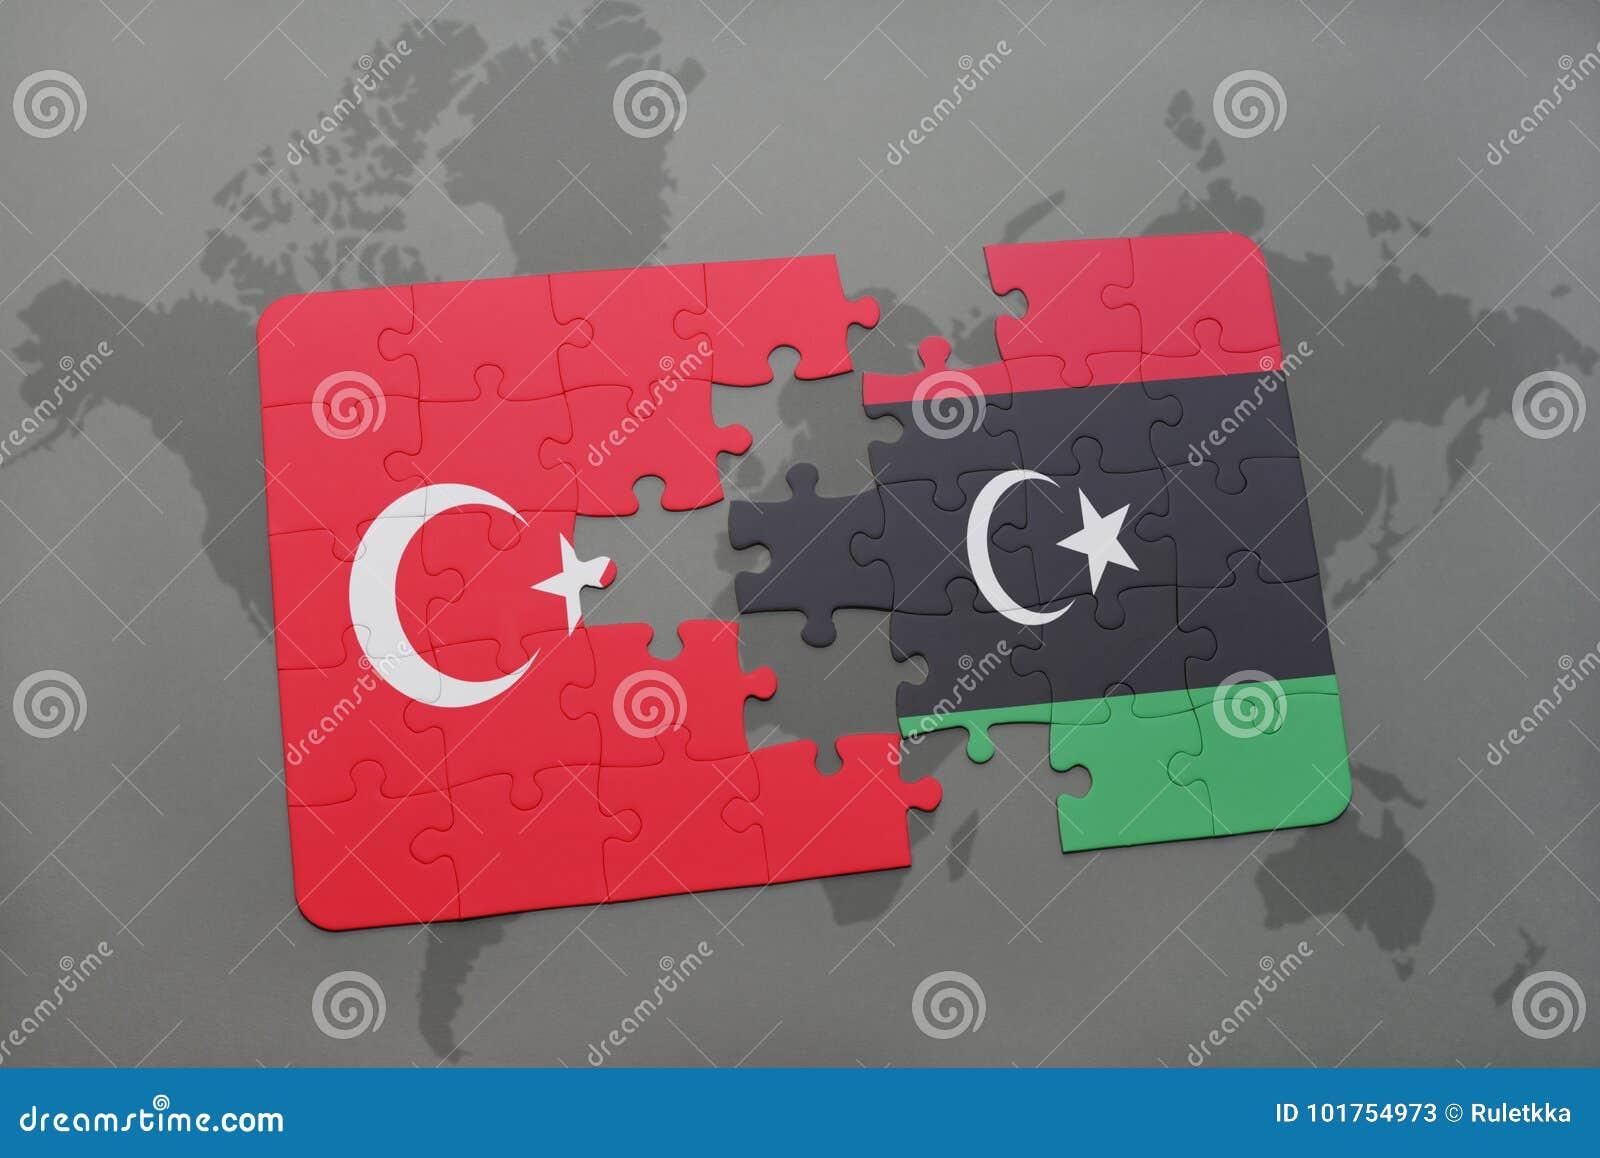 γρίφος με τη εθνική σημαία της Τουρκίας και της Λιβύης σε έναν παγκόσμιο χάρτη